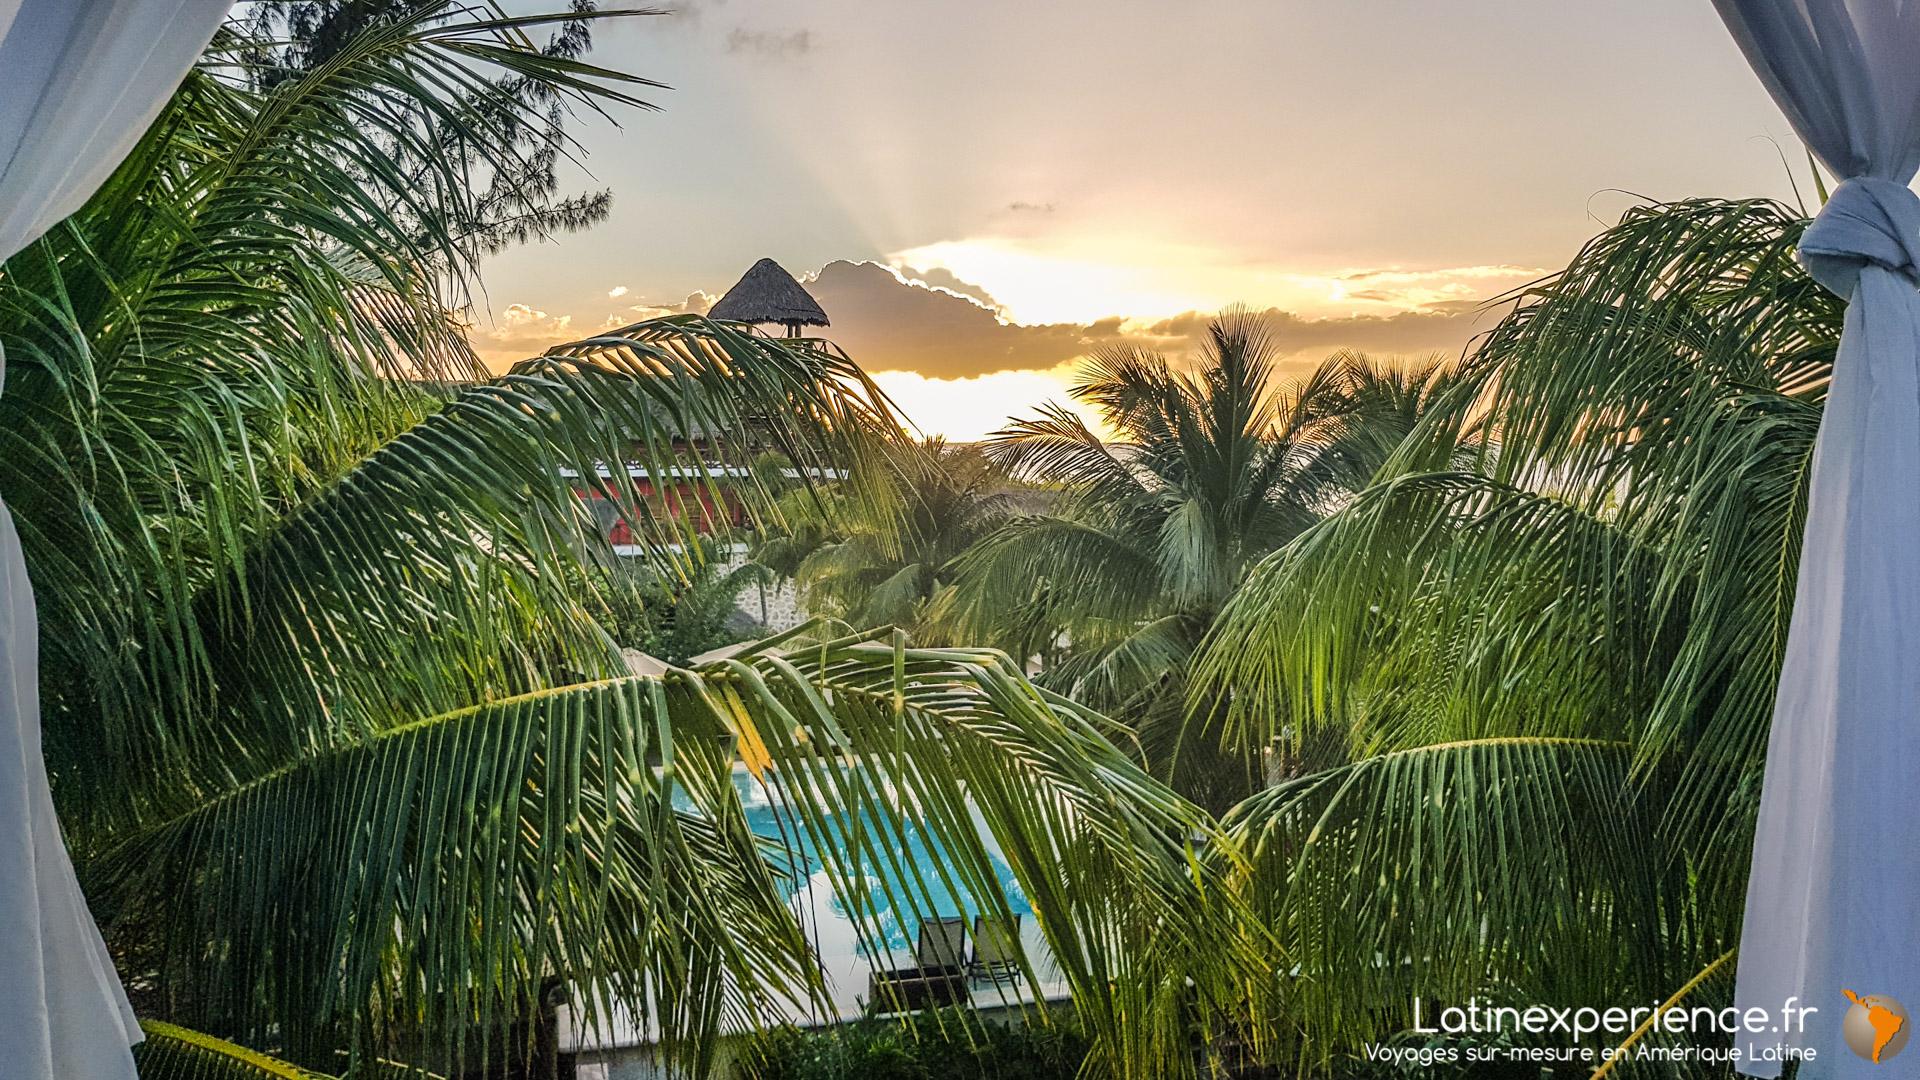 Séjour Mexique - Hôtel - Latinexperience voyages